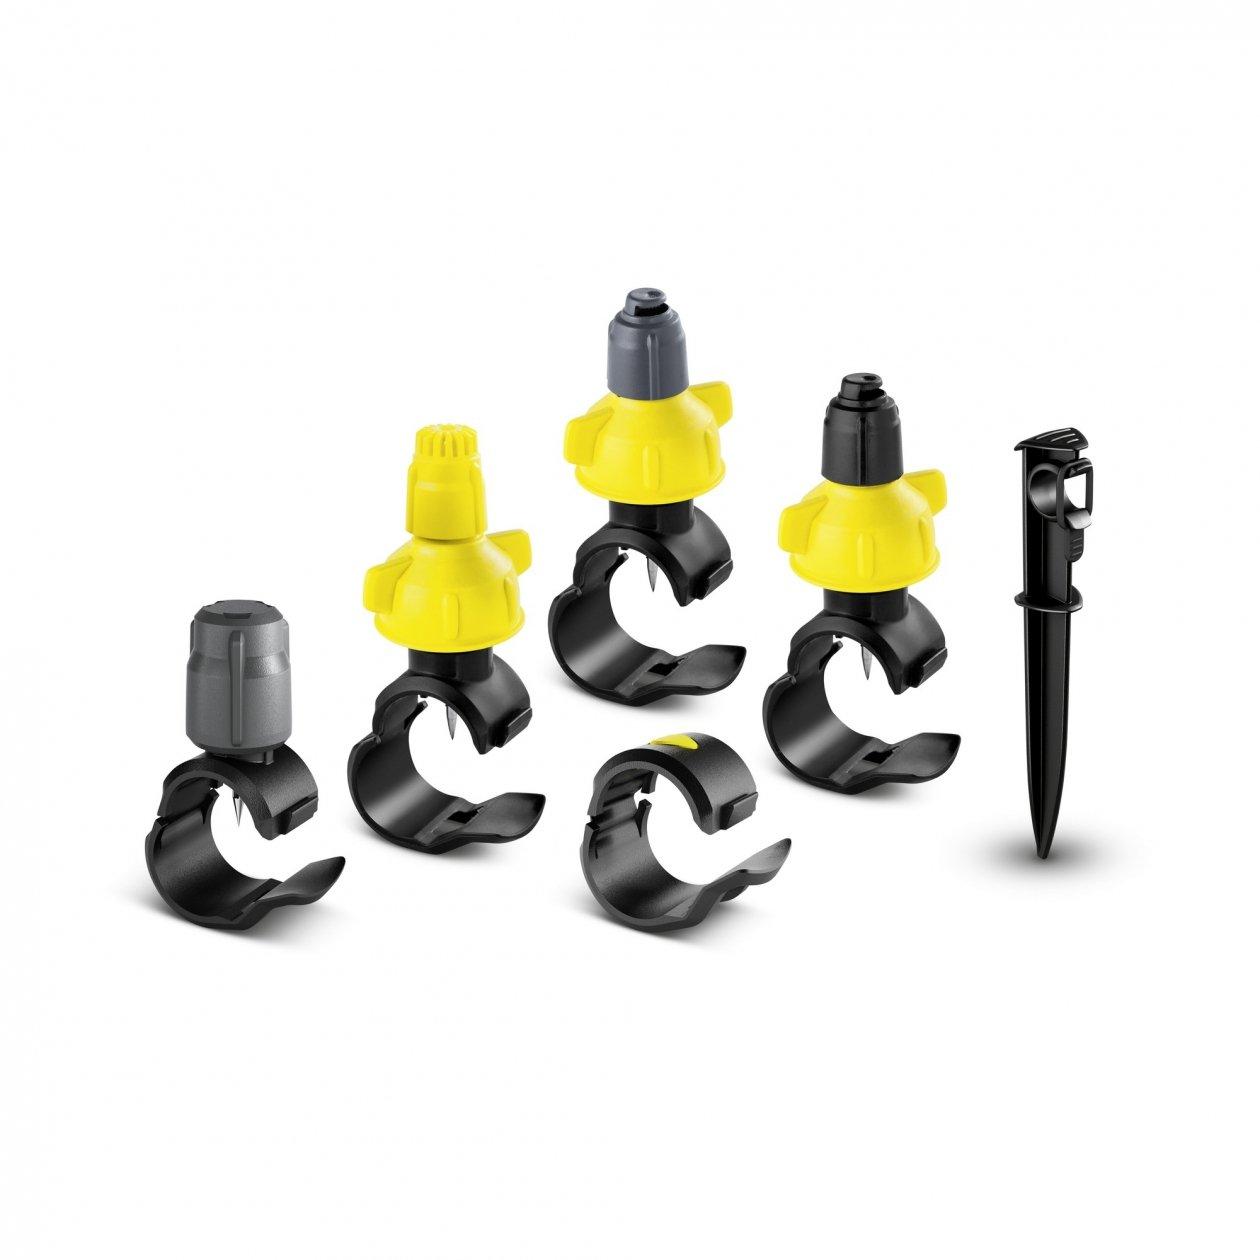 Kärcher 2.645-239.0 raccord des tuyaux d'eau - raccords des tuyaux d'eau